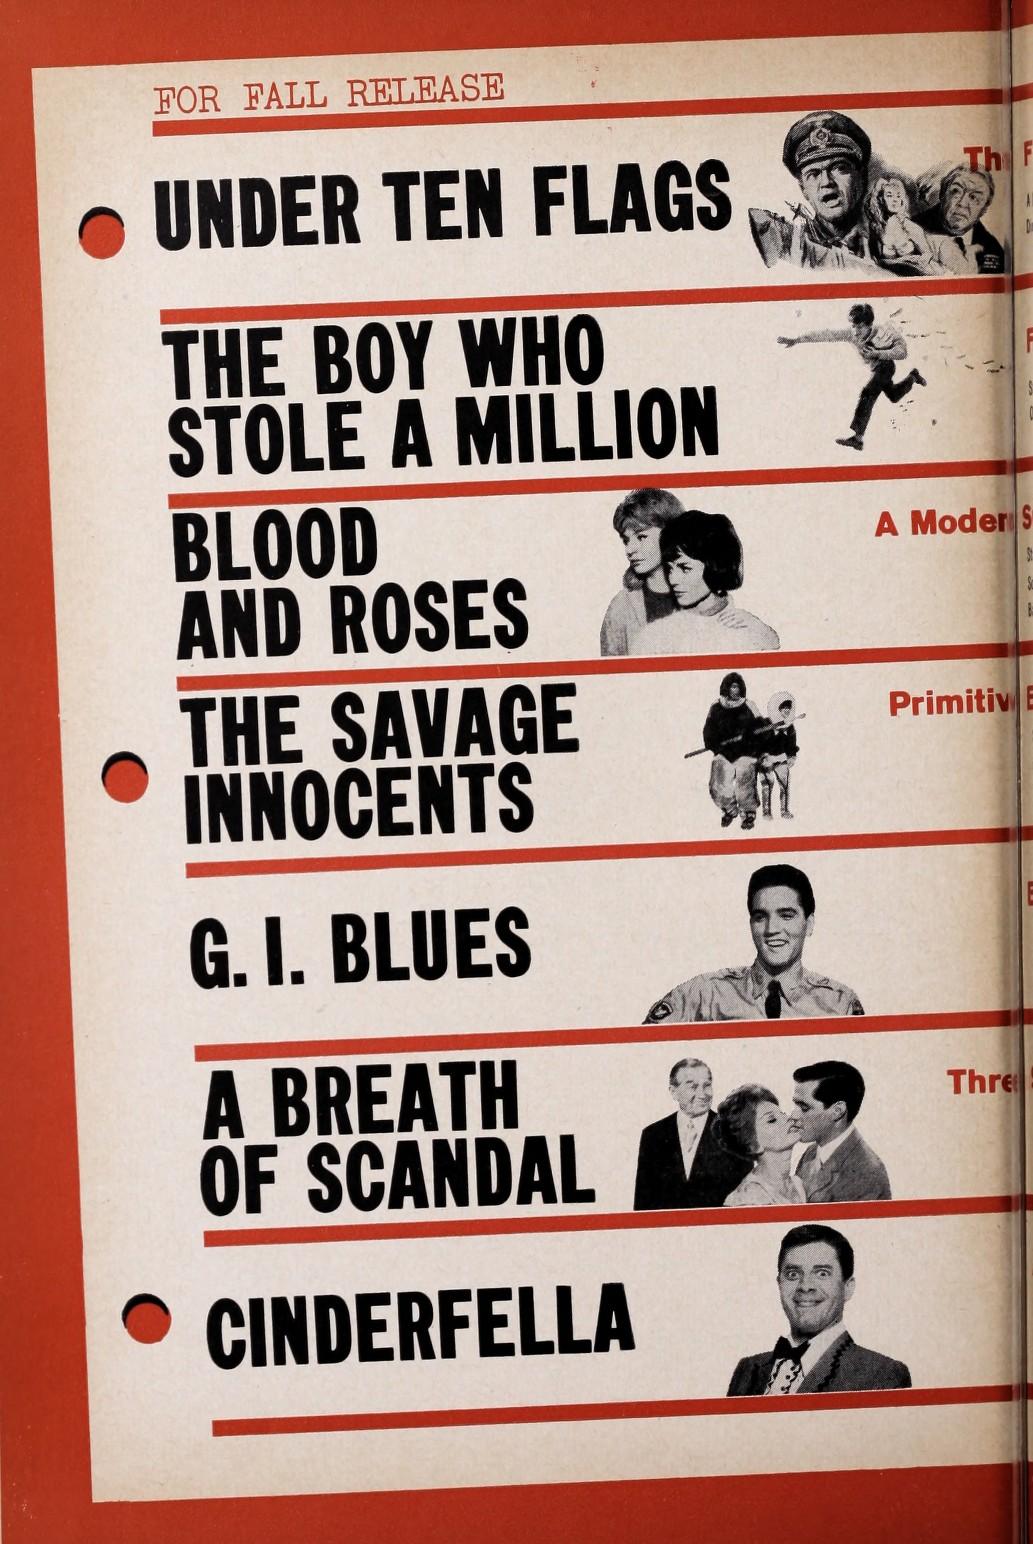 196061yearbookca00film_jp2.zip&file=196061yearbookca00film_jp2%2f196061yearbookca00film_0082